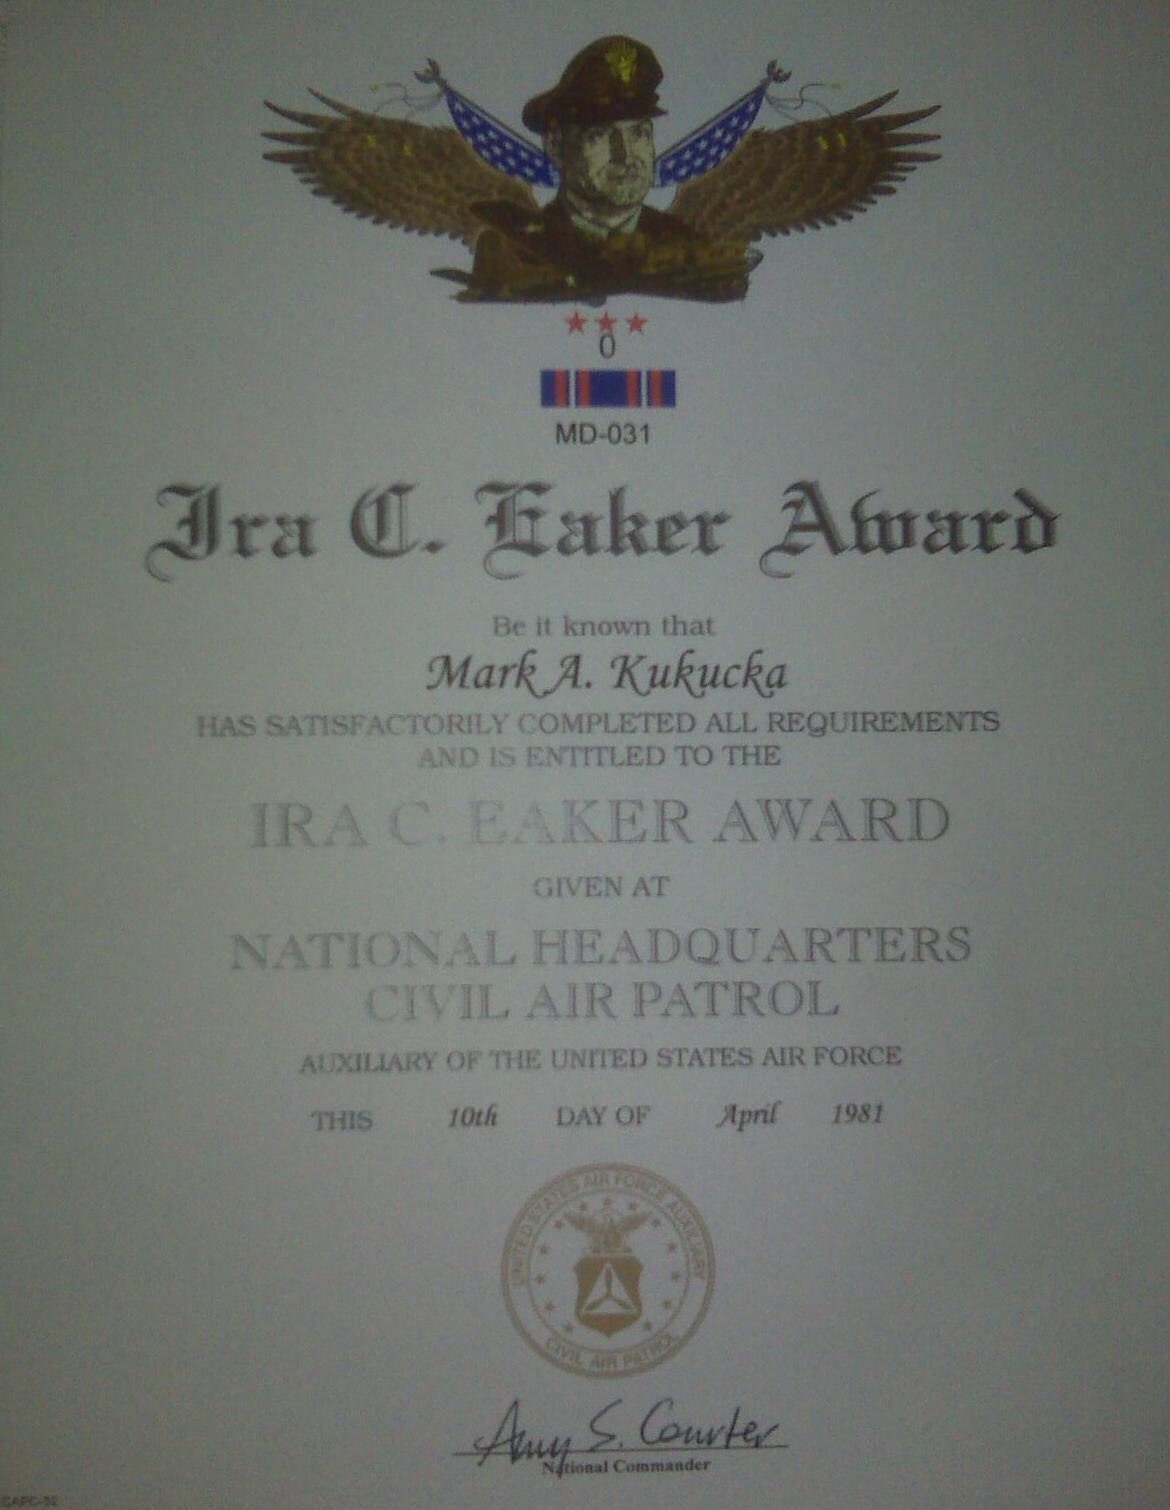 Fileira Eaker Awardg Wikimedia Commons